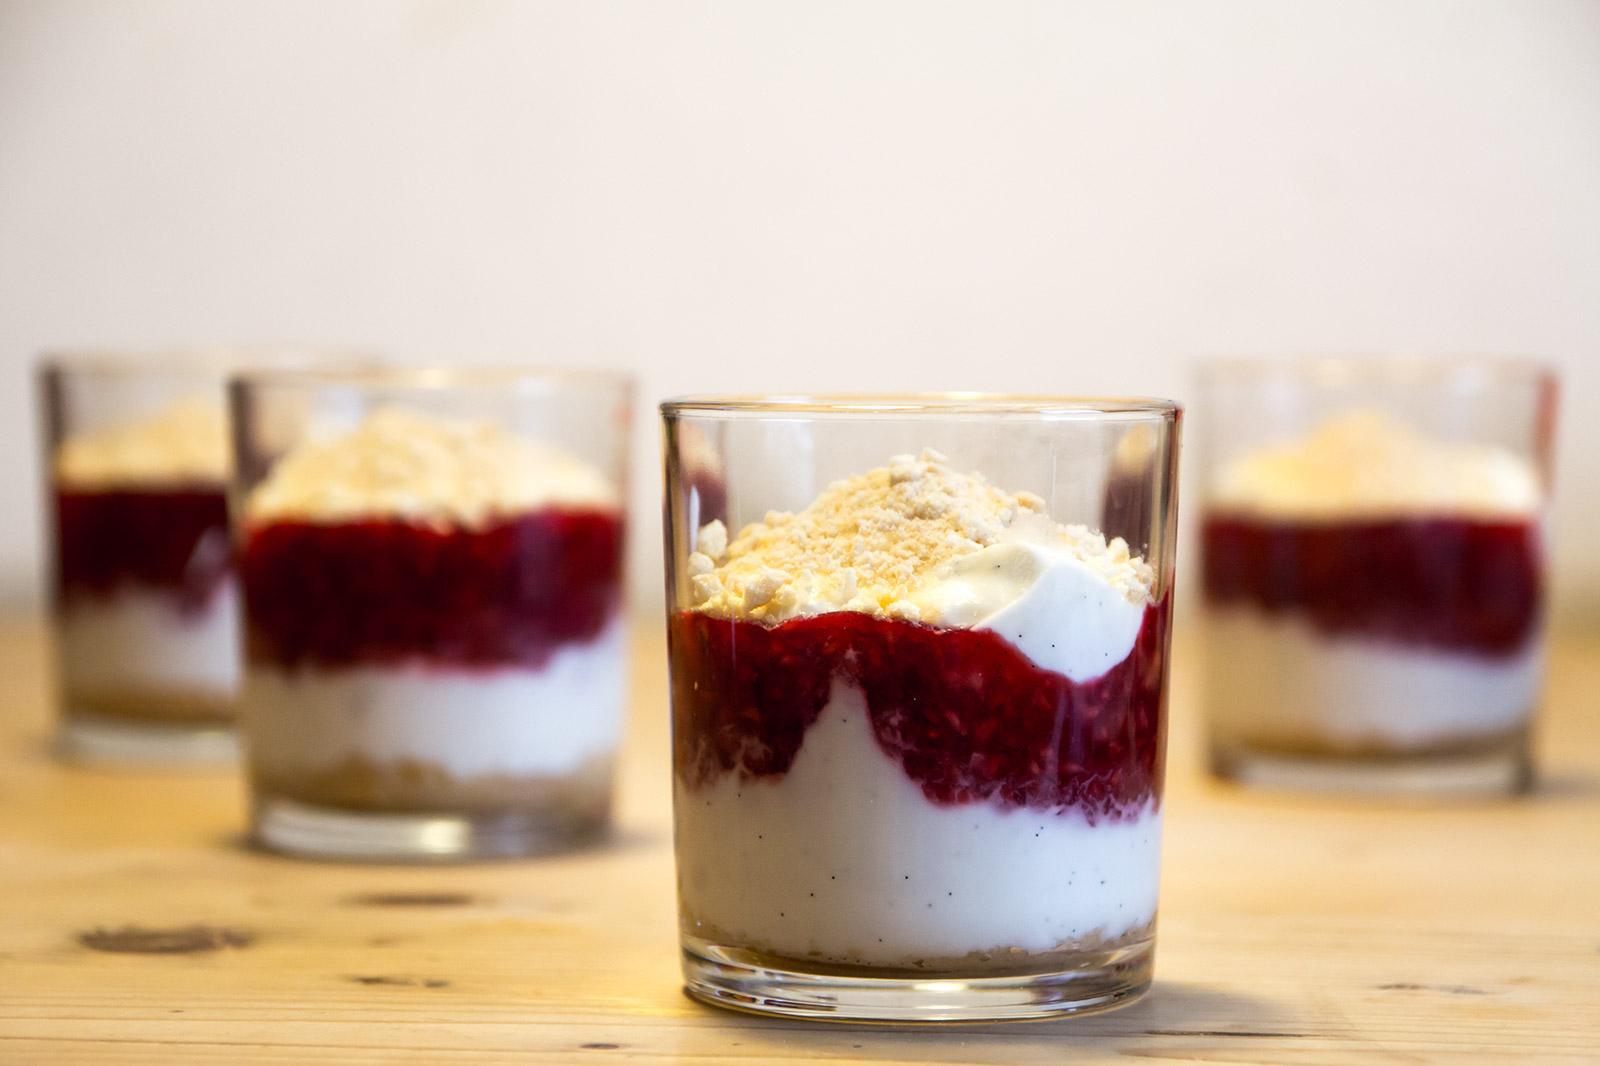 Nino's Schichten-Dessert mit Himbeeren, Joghurt und den knusprigen Biskottenbröseln